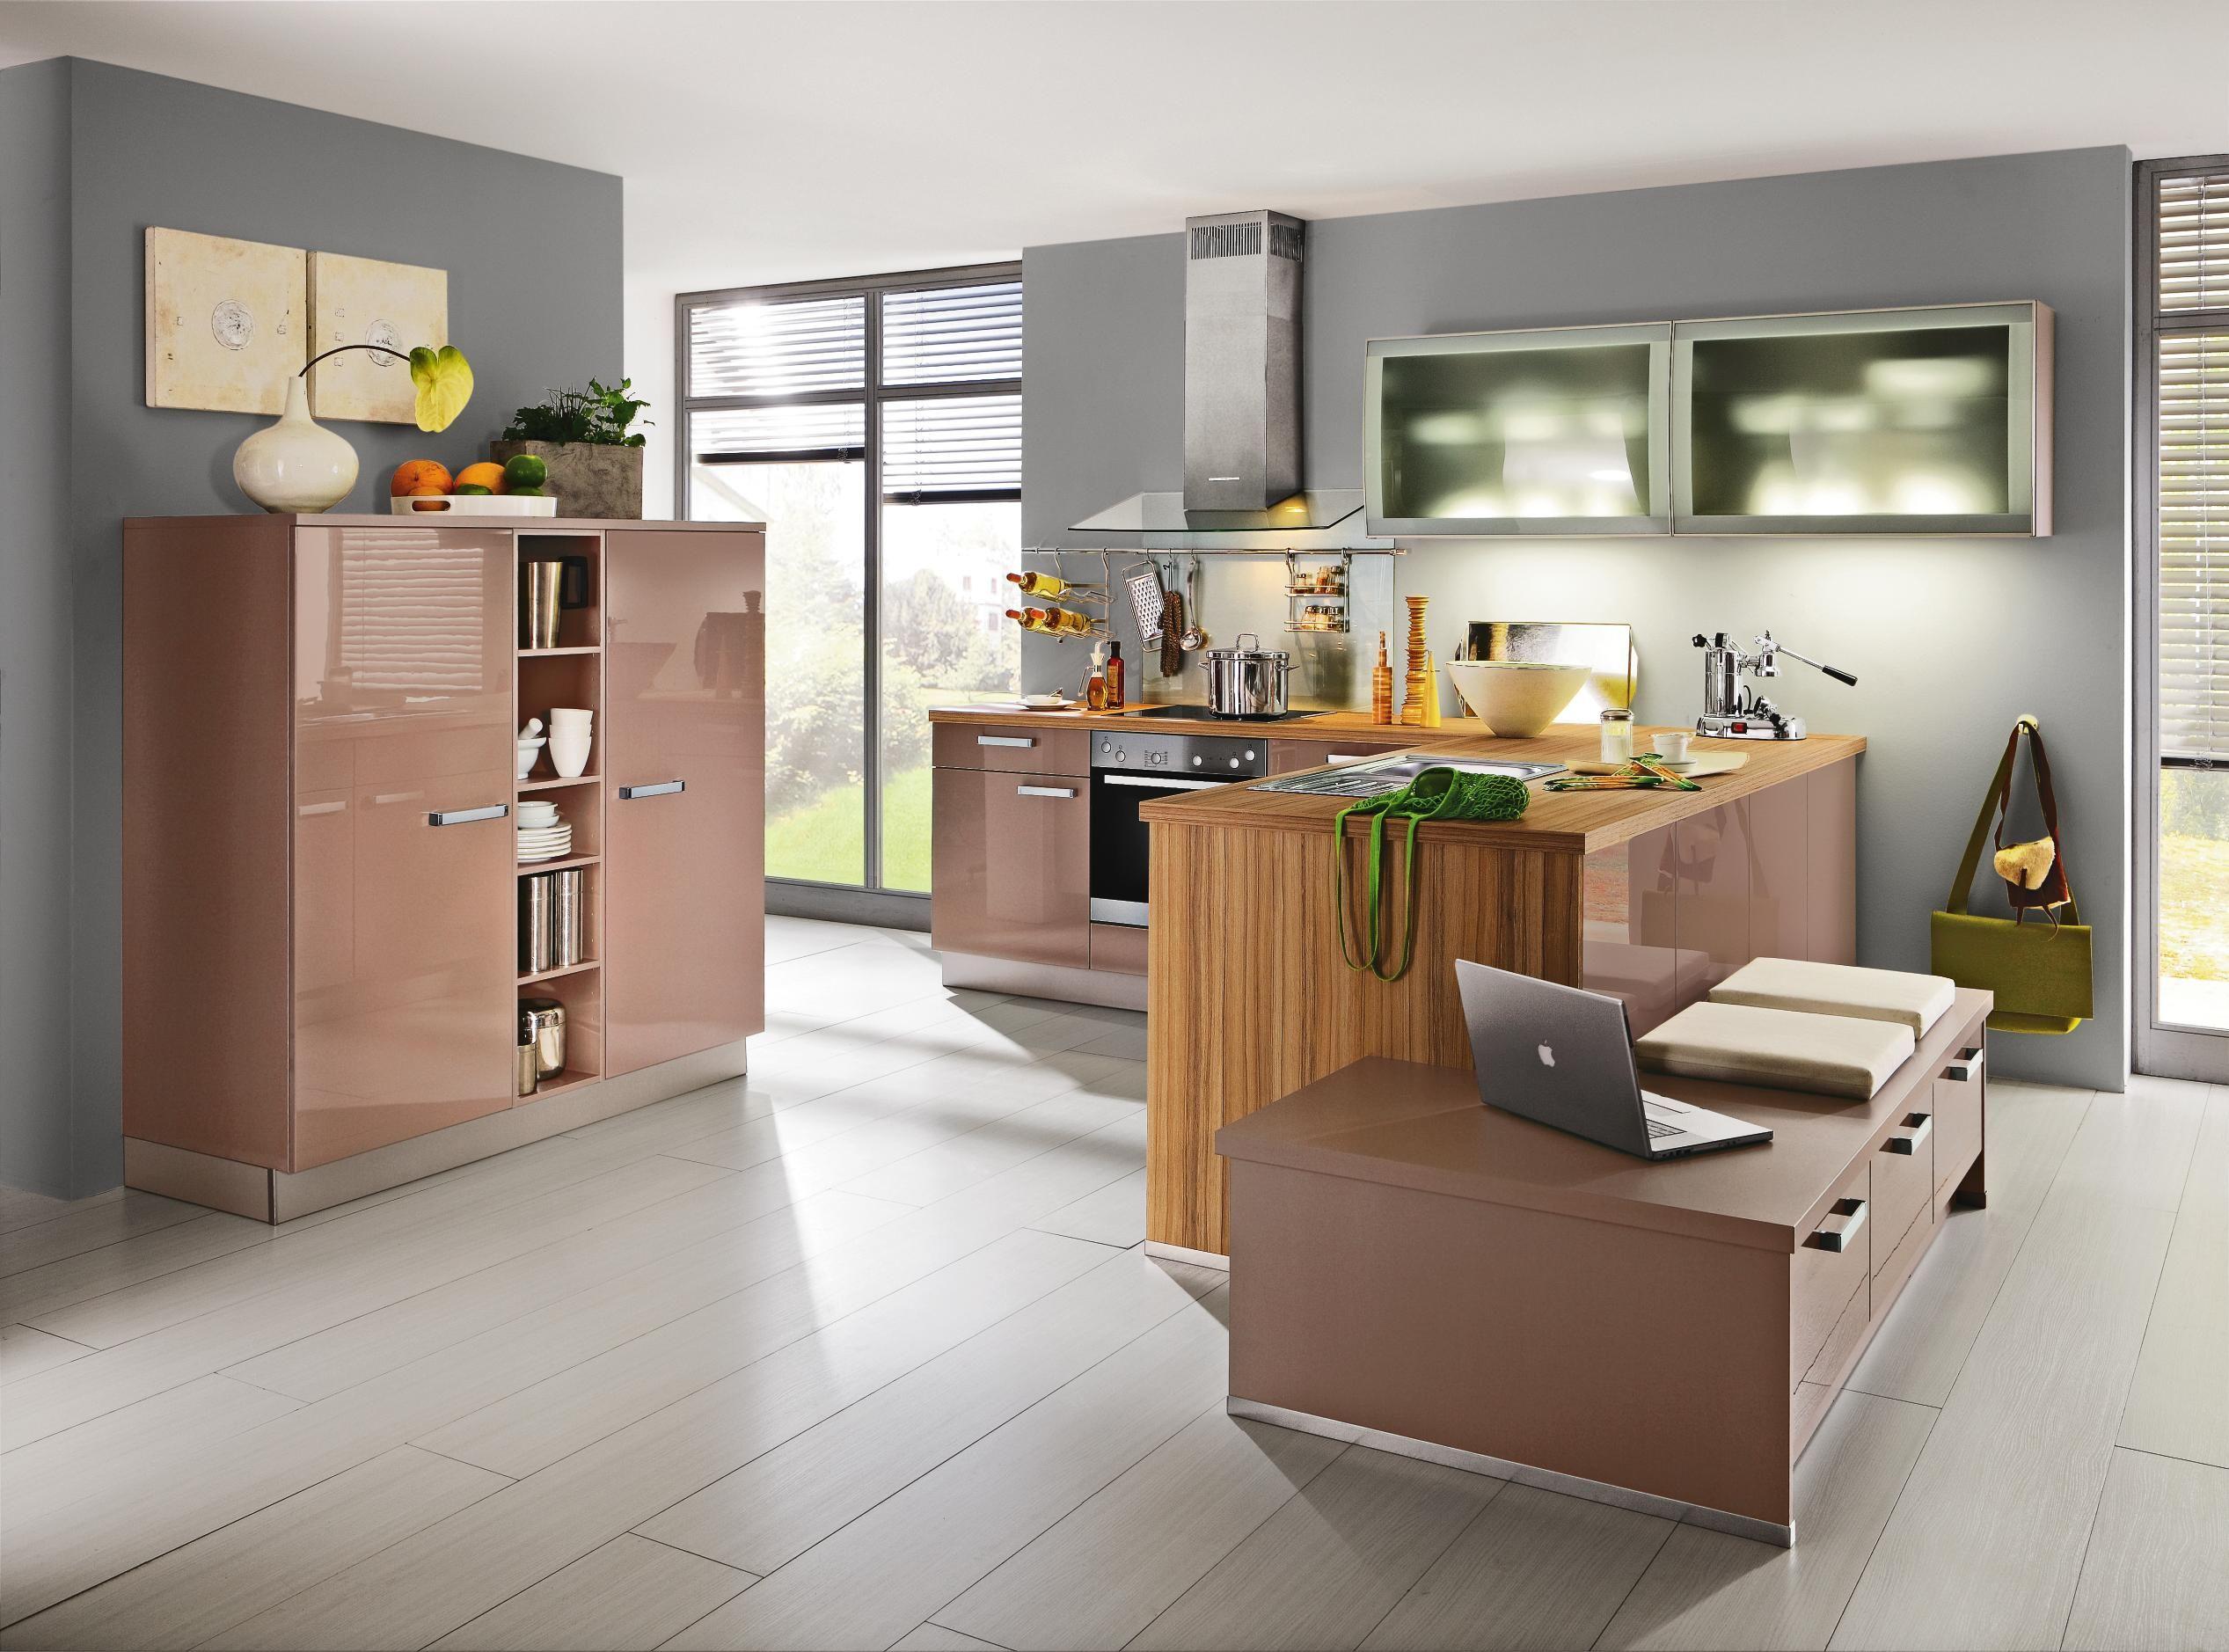 Einbauküche von DIETER KNOLL - glänzende Elemente für ein schönes Zuhause  Einbauküchen ...